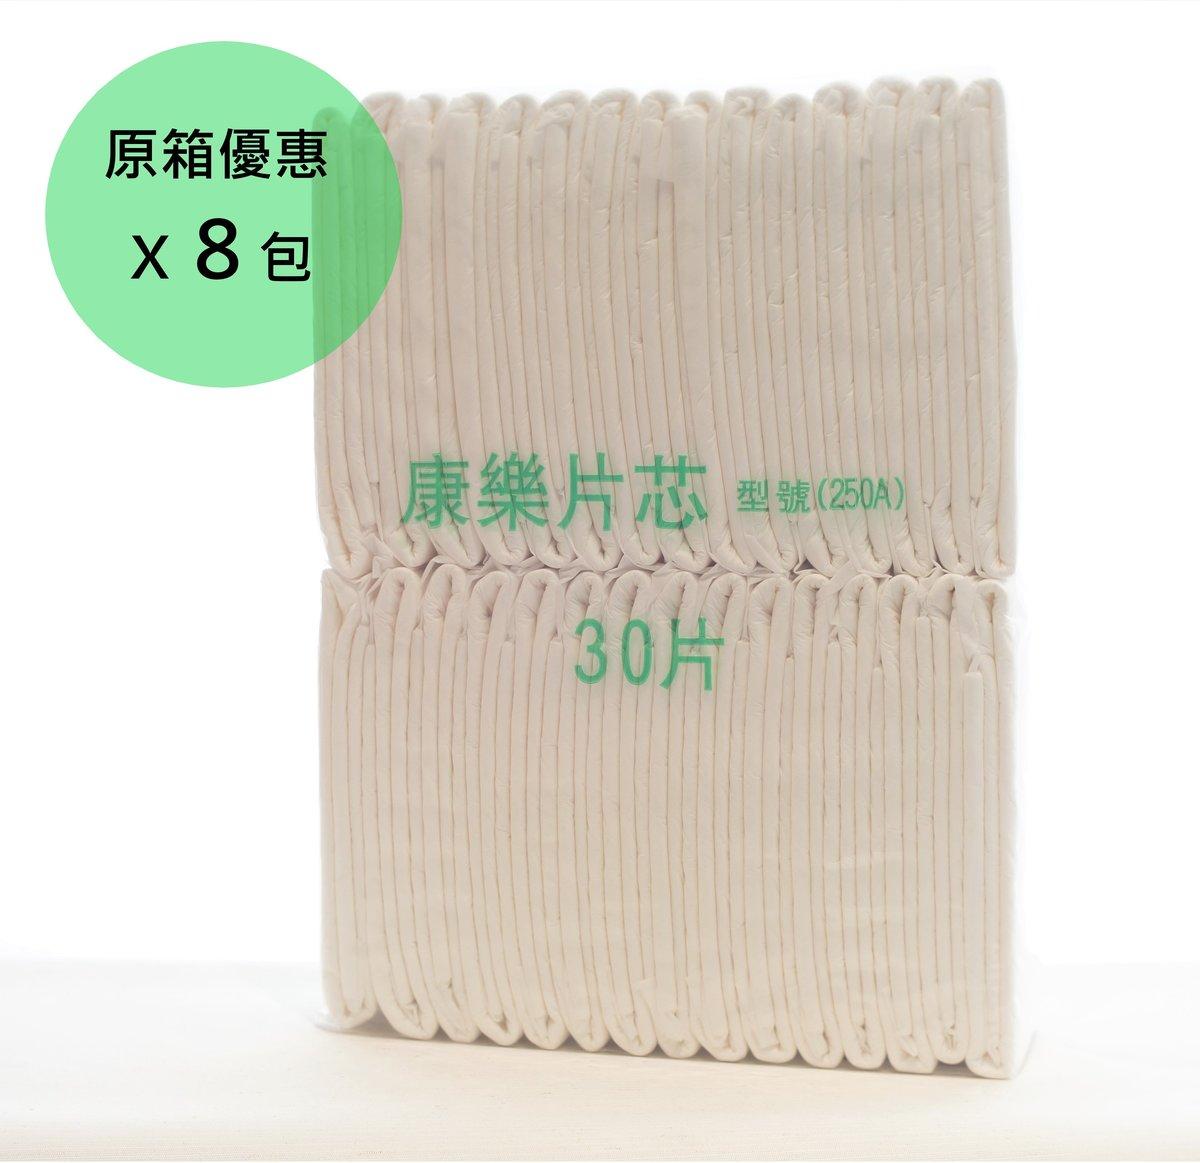 康樂片芯 250A (8包/箱)